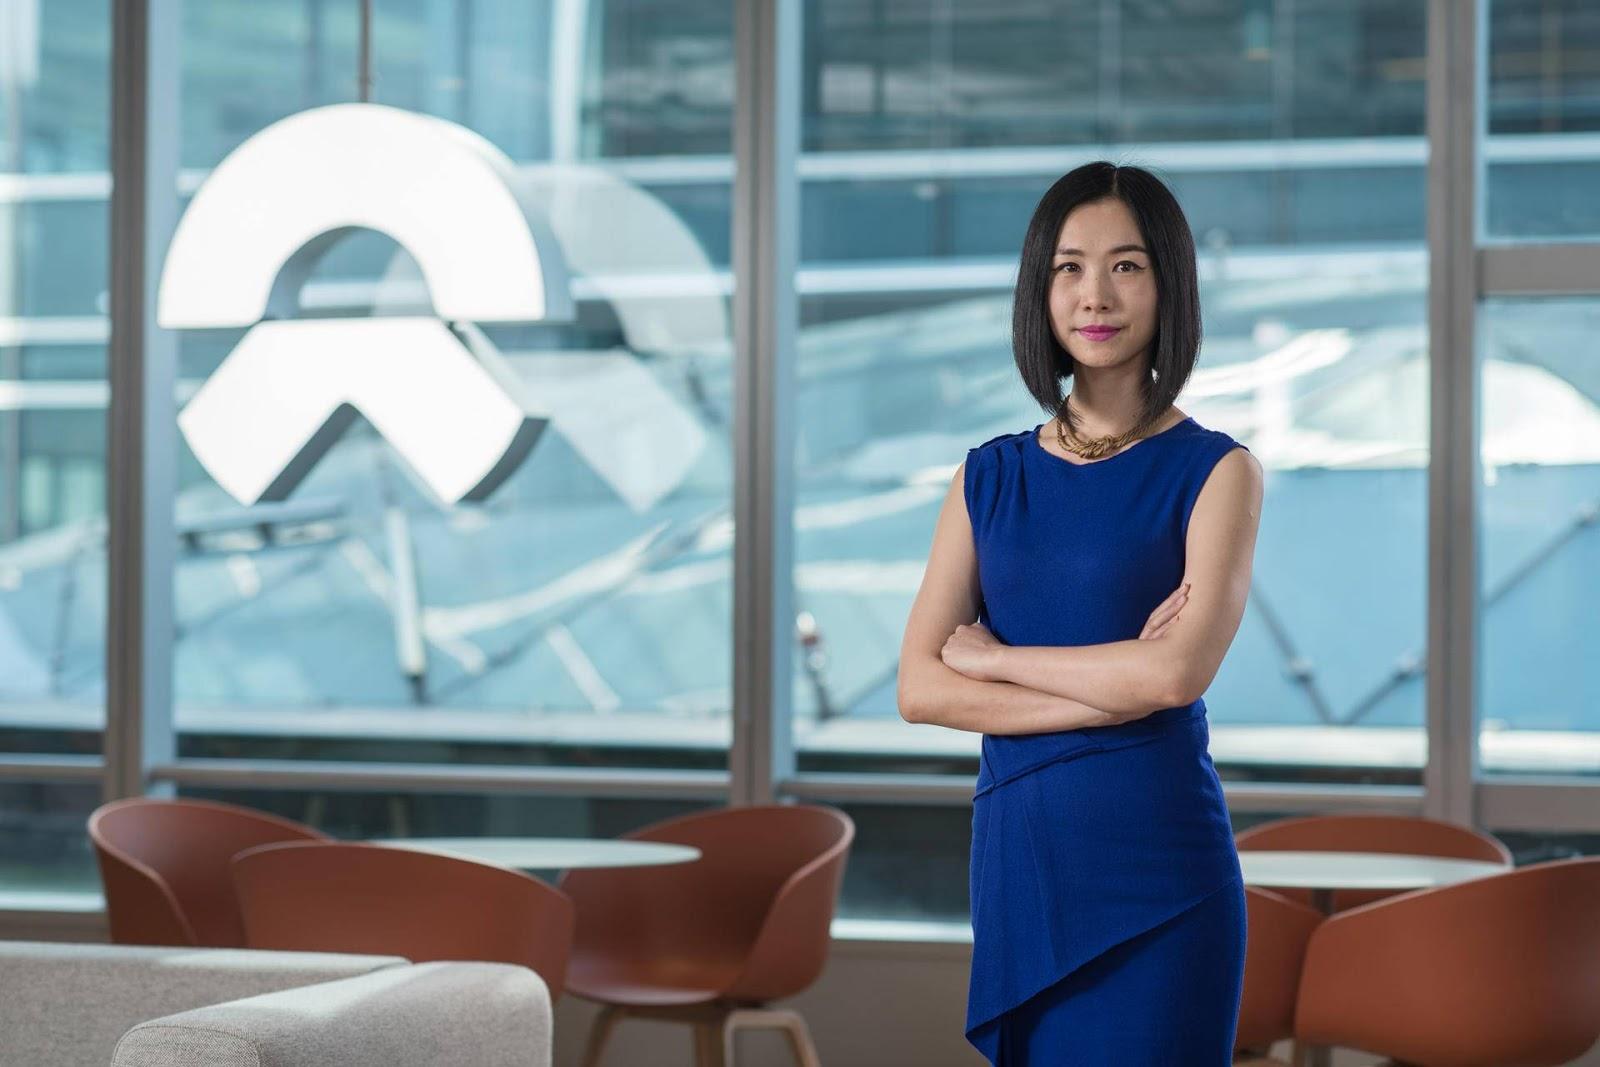 Jili Liu, chefe da NIO Life, na WeWork International Trade Center, em Xangai. Fotografia da The We Company